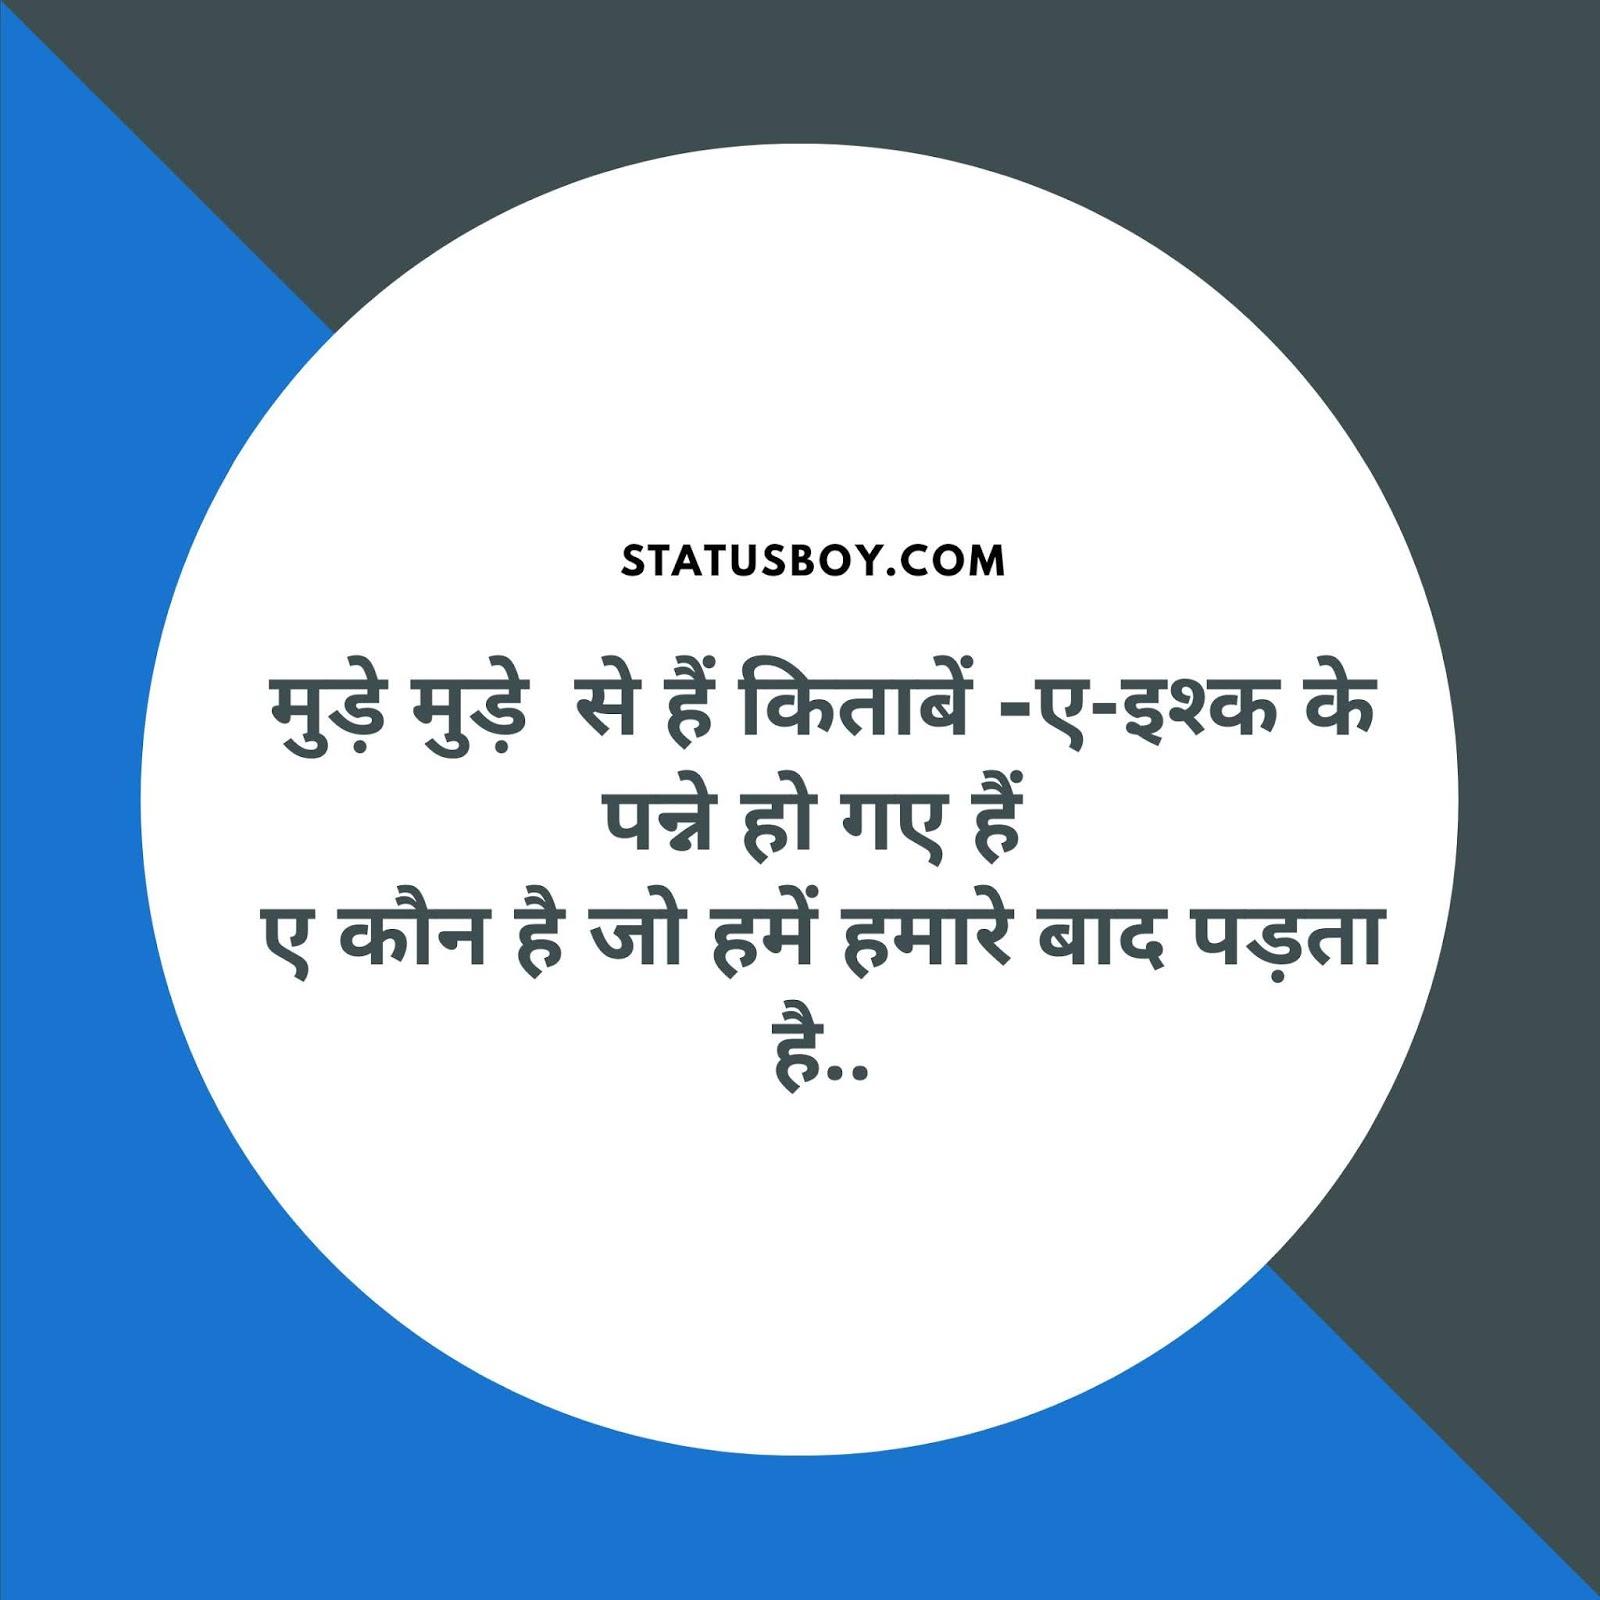 Urdu Shayari With Images